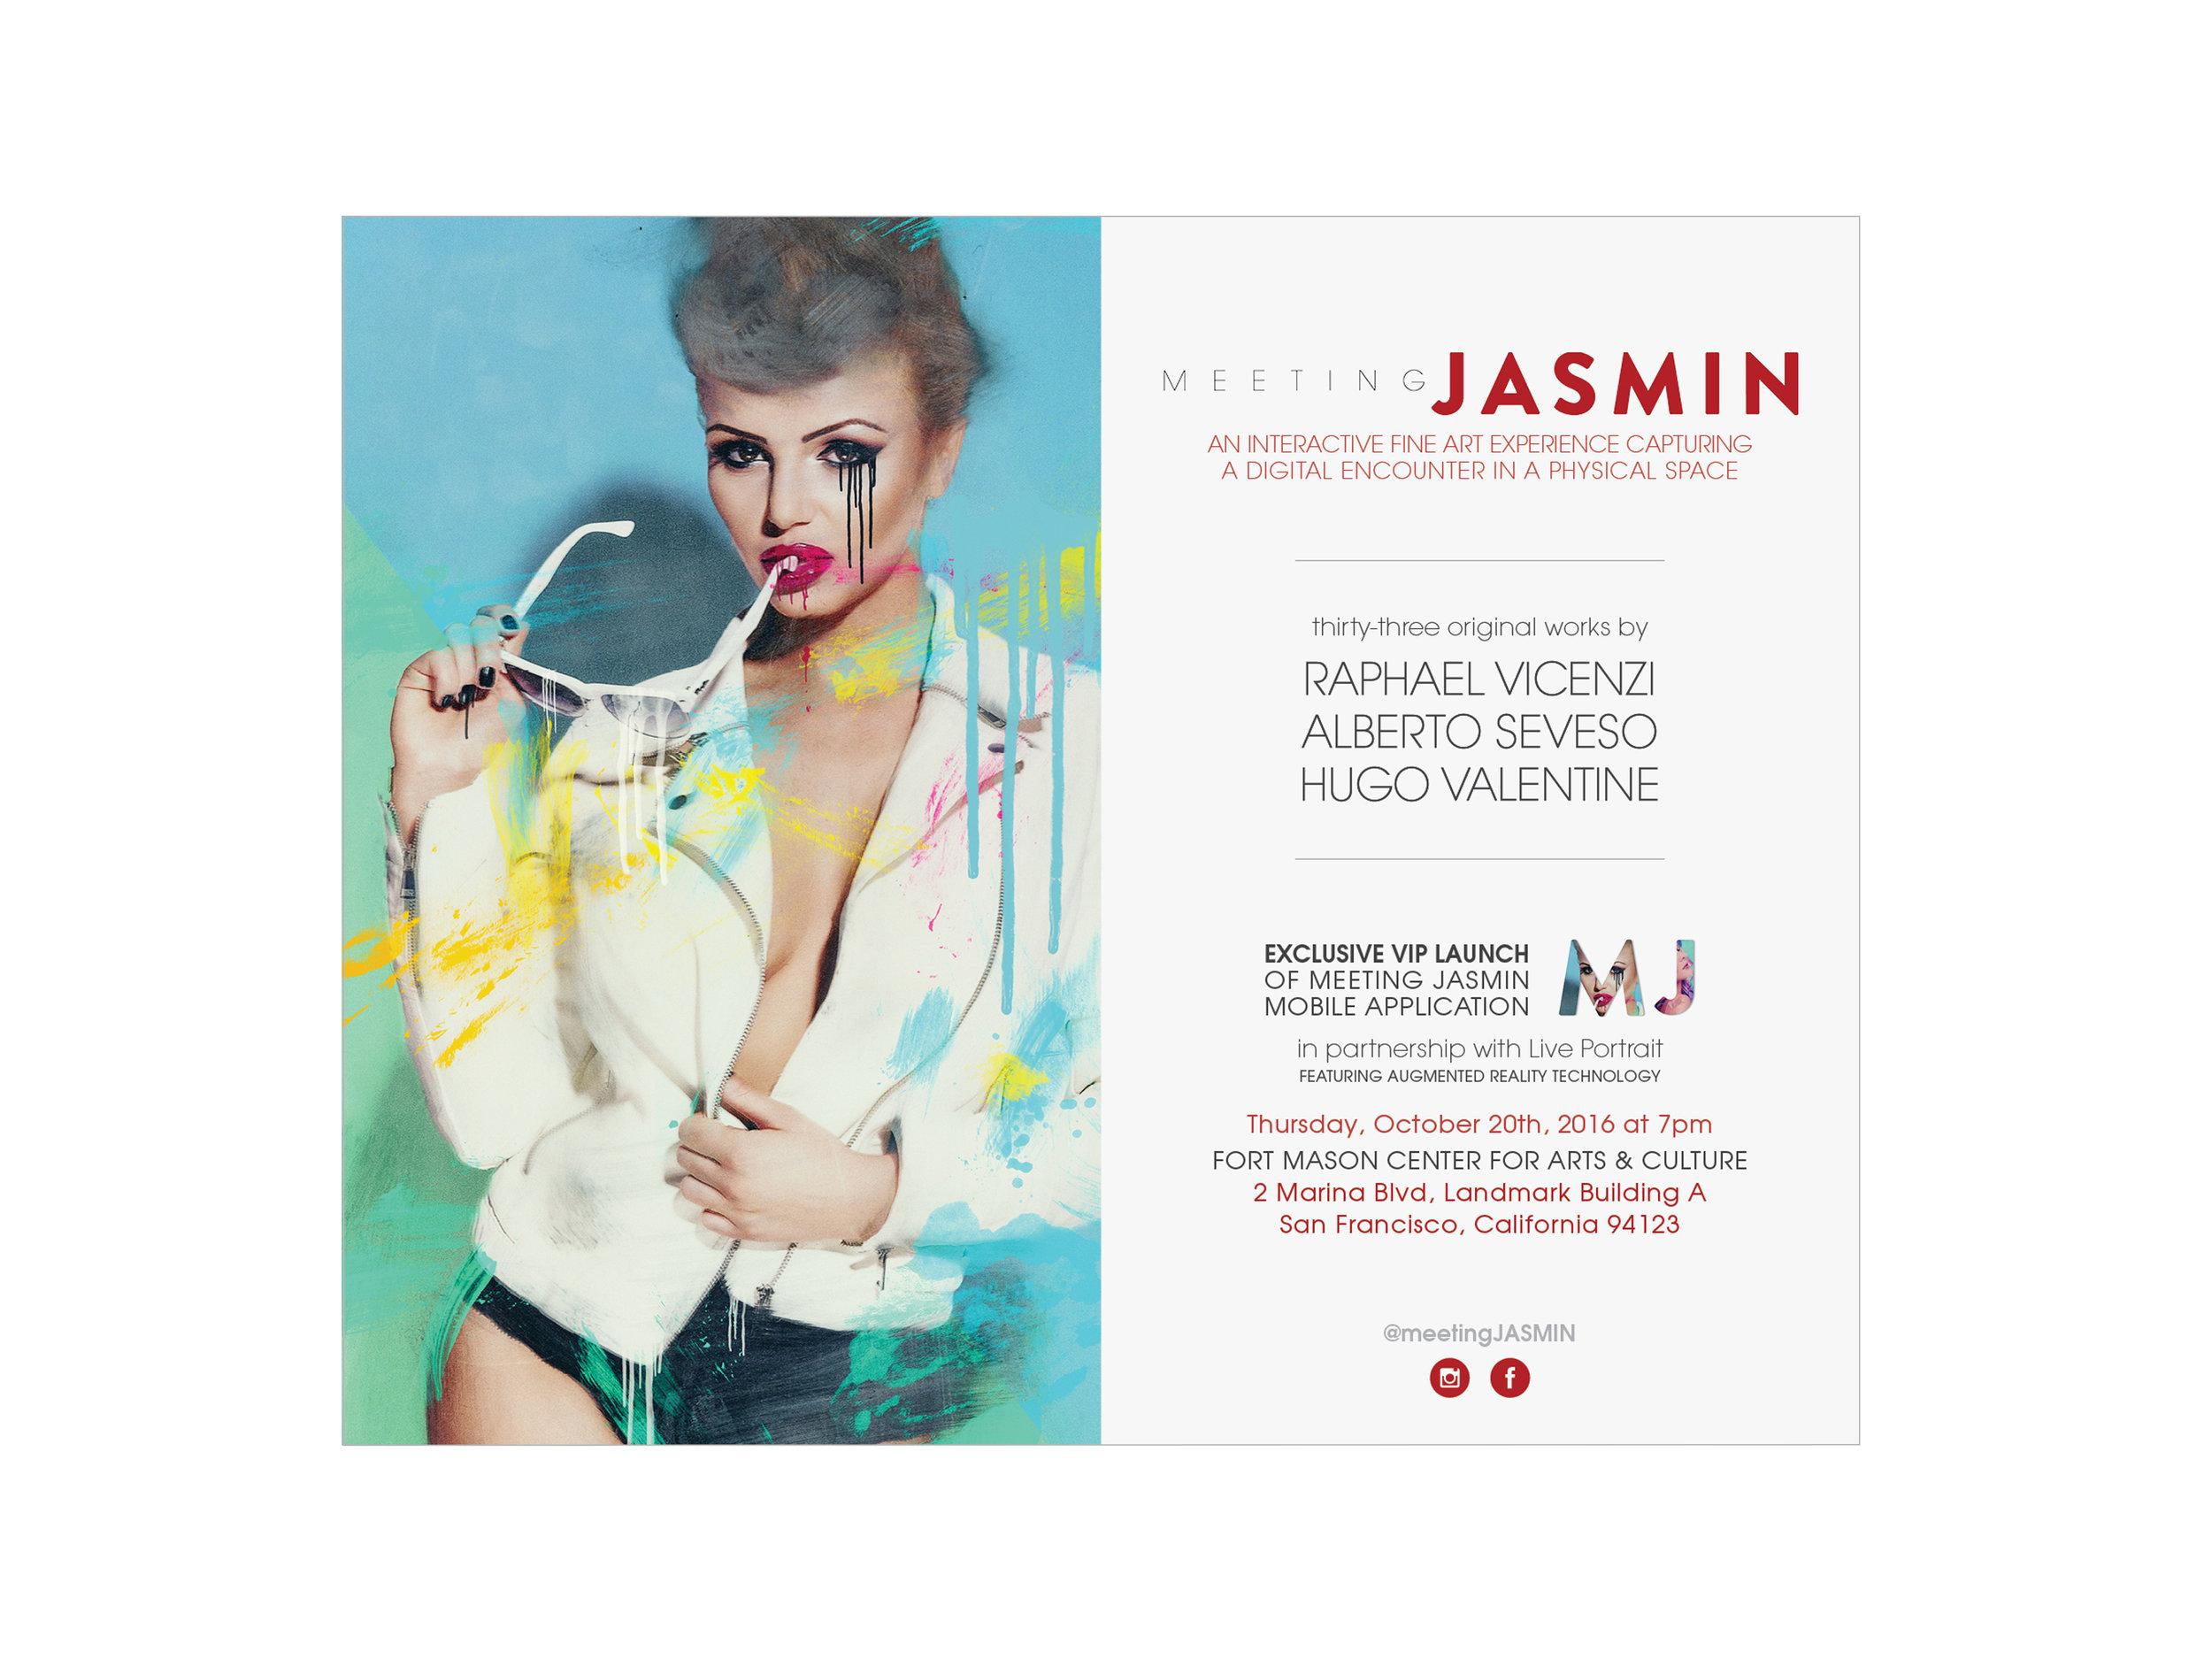 1198-Jasmin 5x7 Poscard_Mockup.jpg